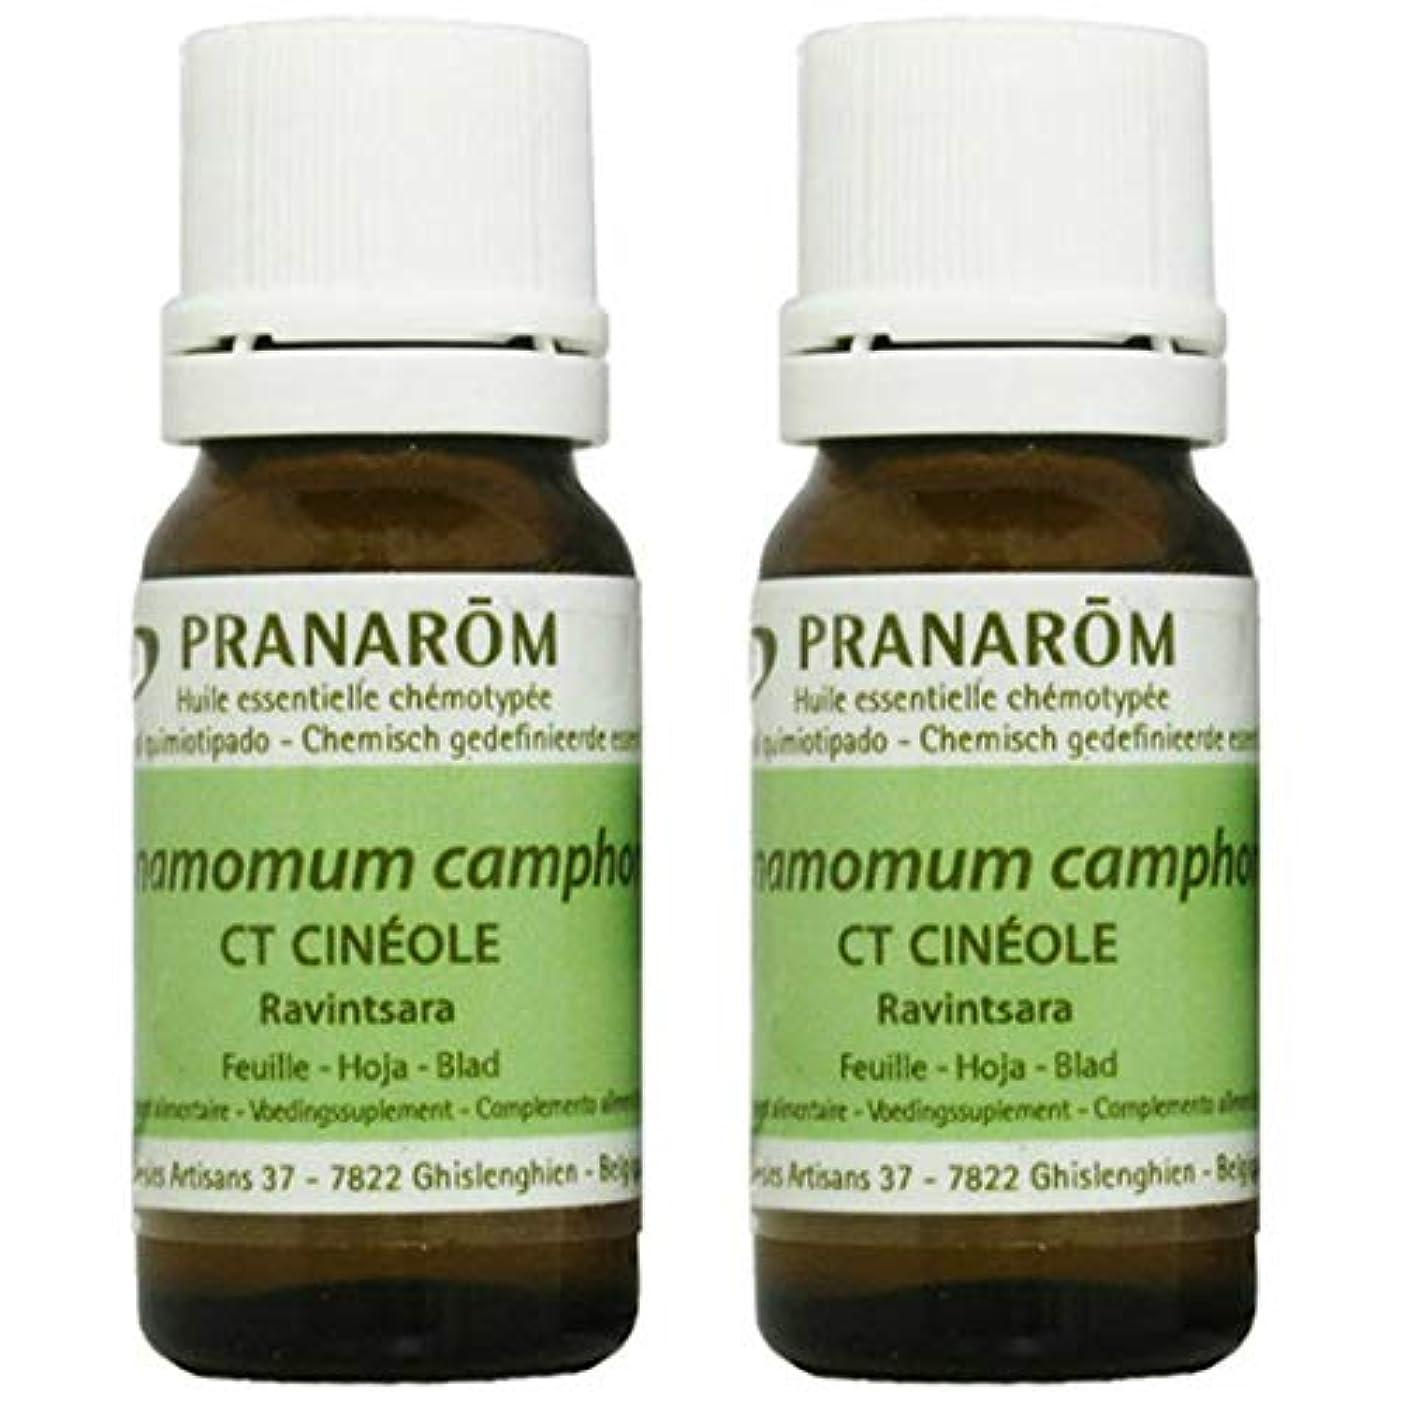 遠足化粧不誠実プラナロム ラヴィンツァラ 10ml 2本セット (PRANAROM ケモタイプ精油)